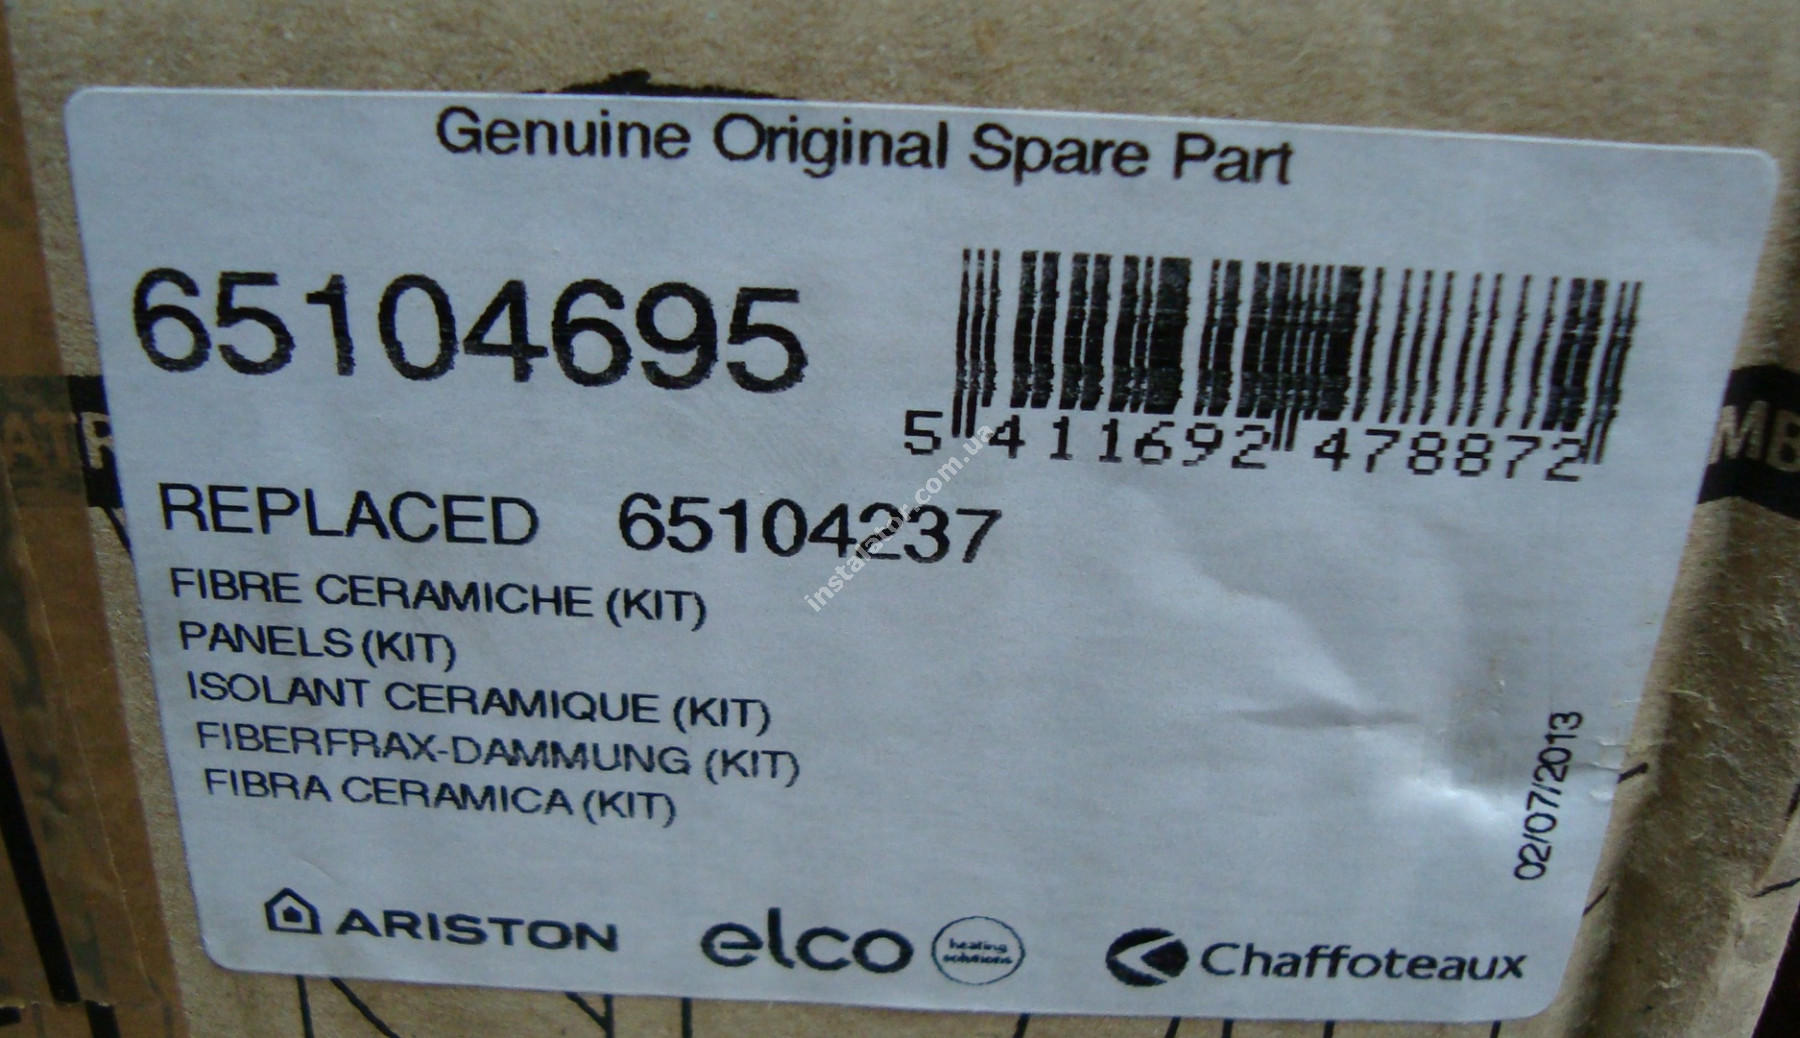 65104695 Термоізоляція камери згорання ARISTON Genus, Glass, Egis (комплект) full-image-2